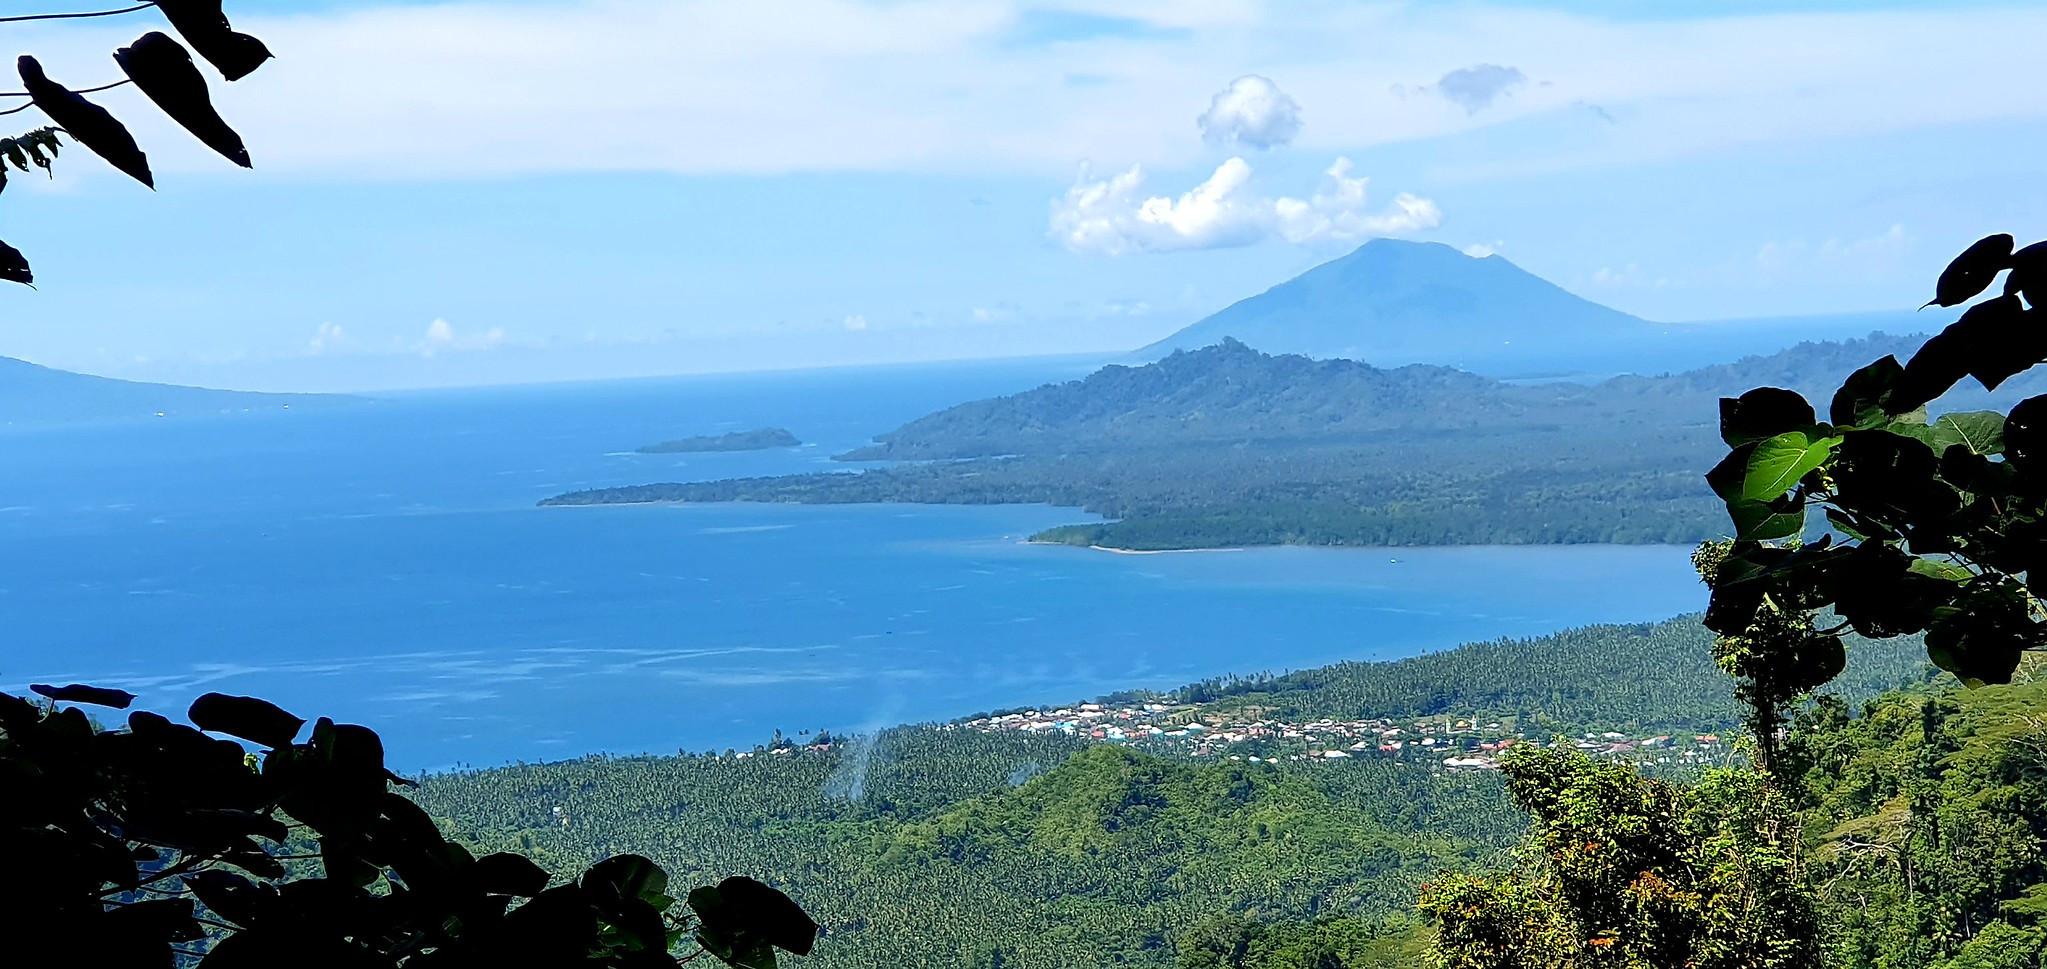 YG8VAS Ternate, North Maluku, Indonesia